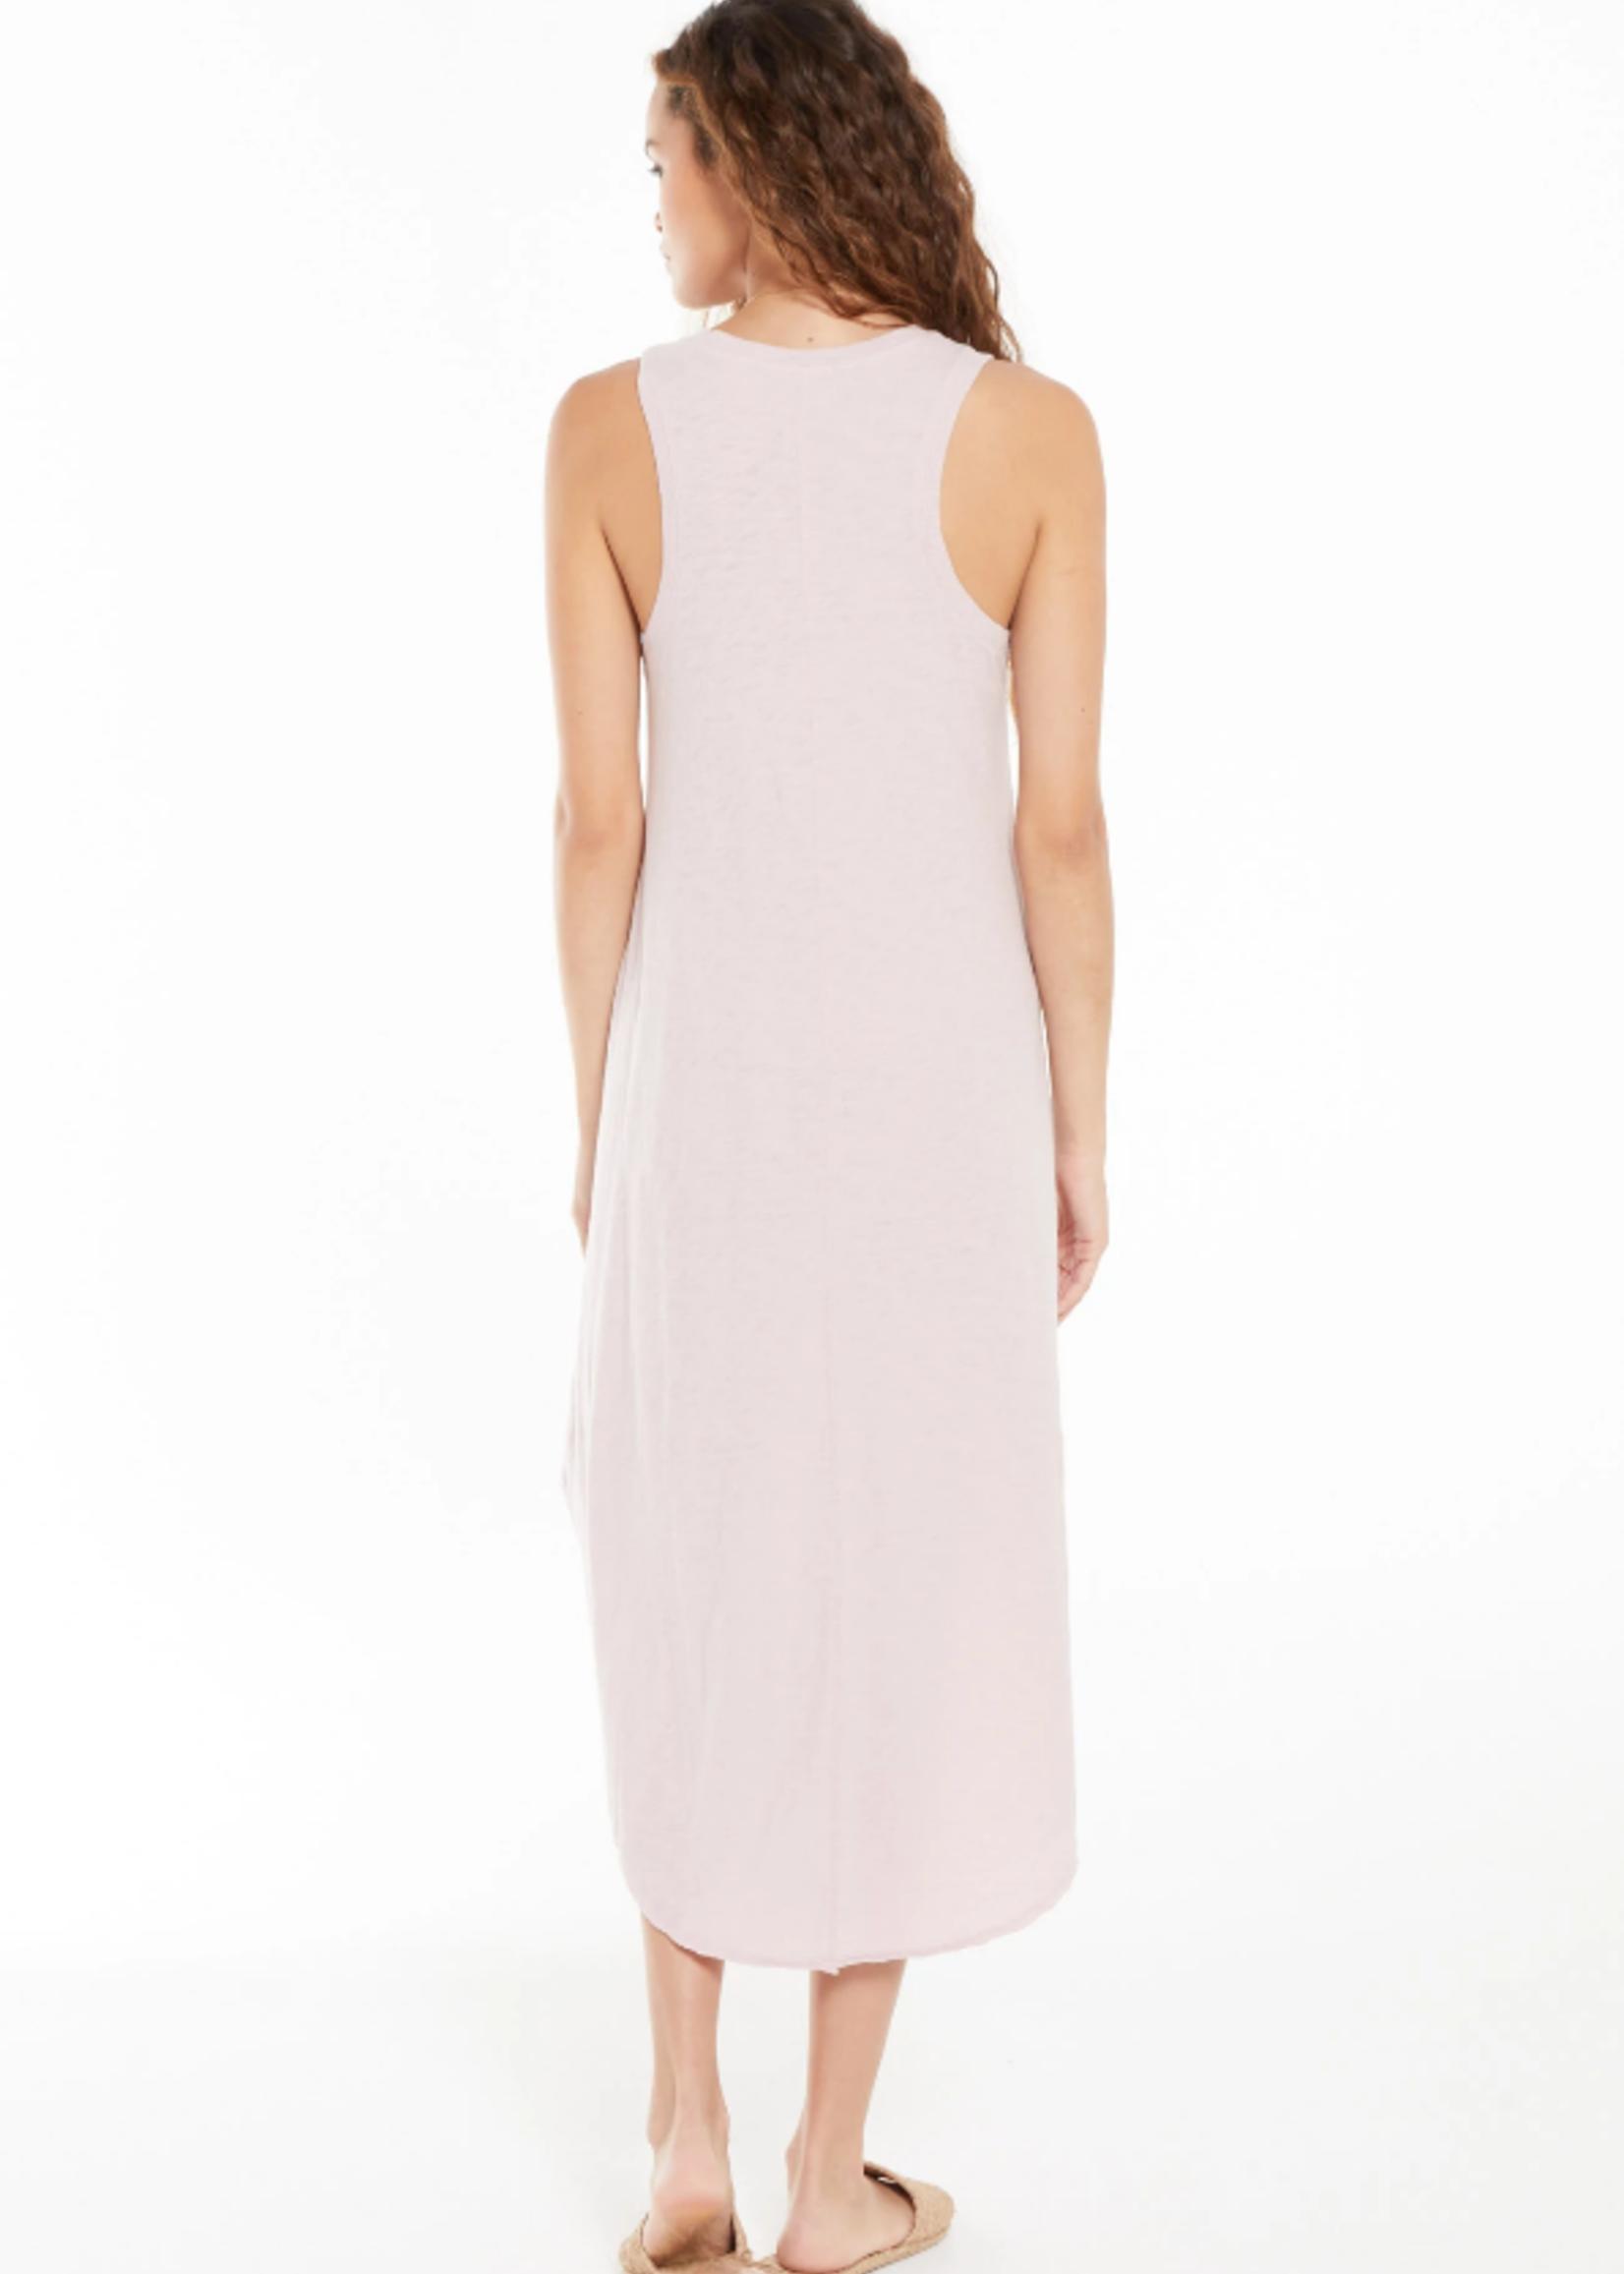 Z Supply Reverie Dress - Lilac